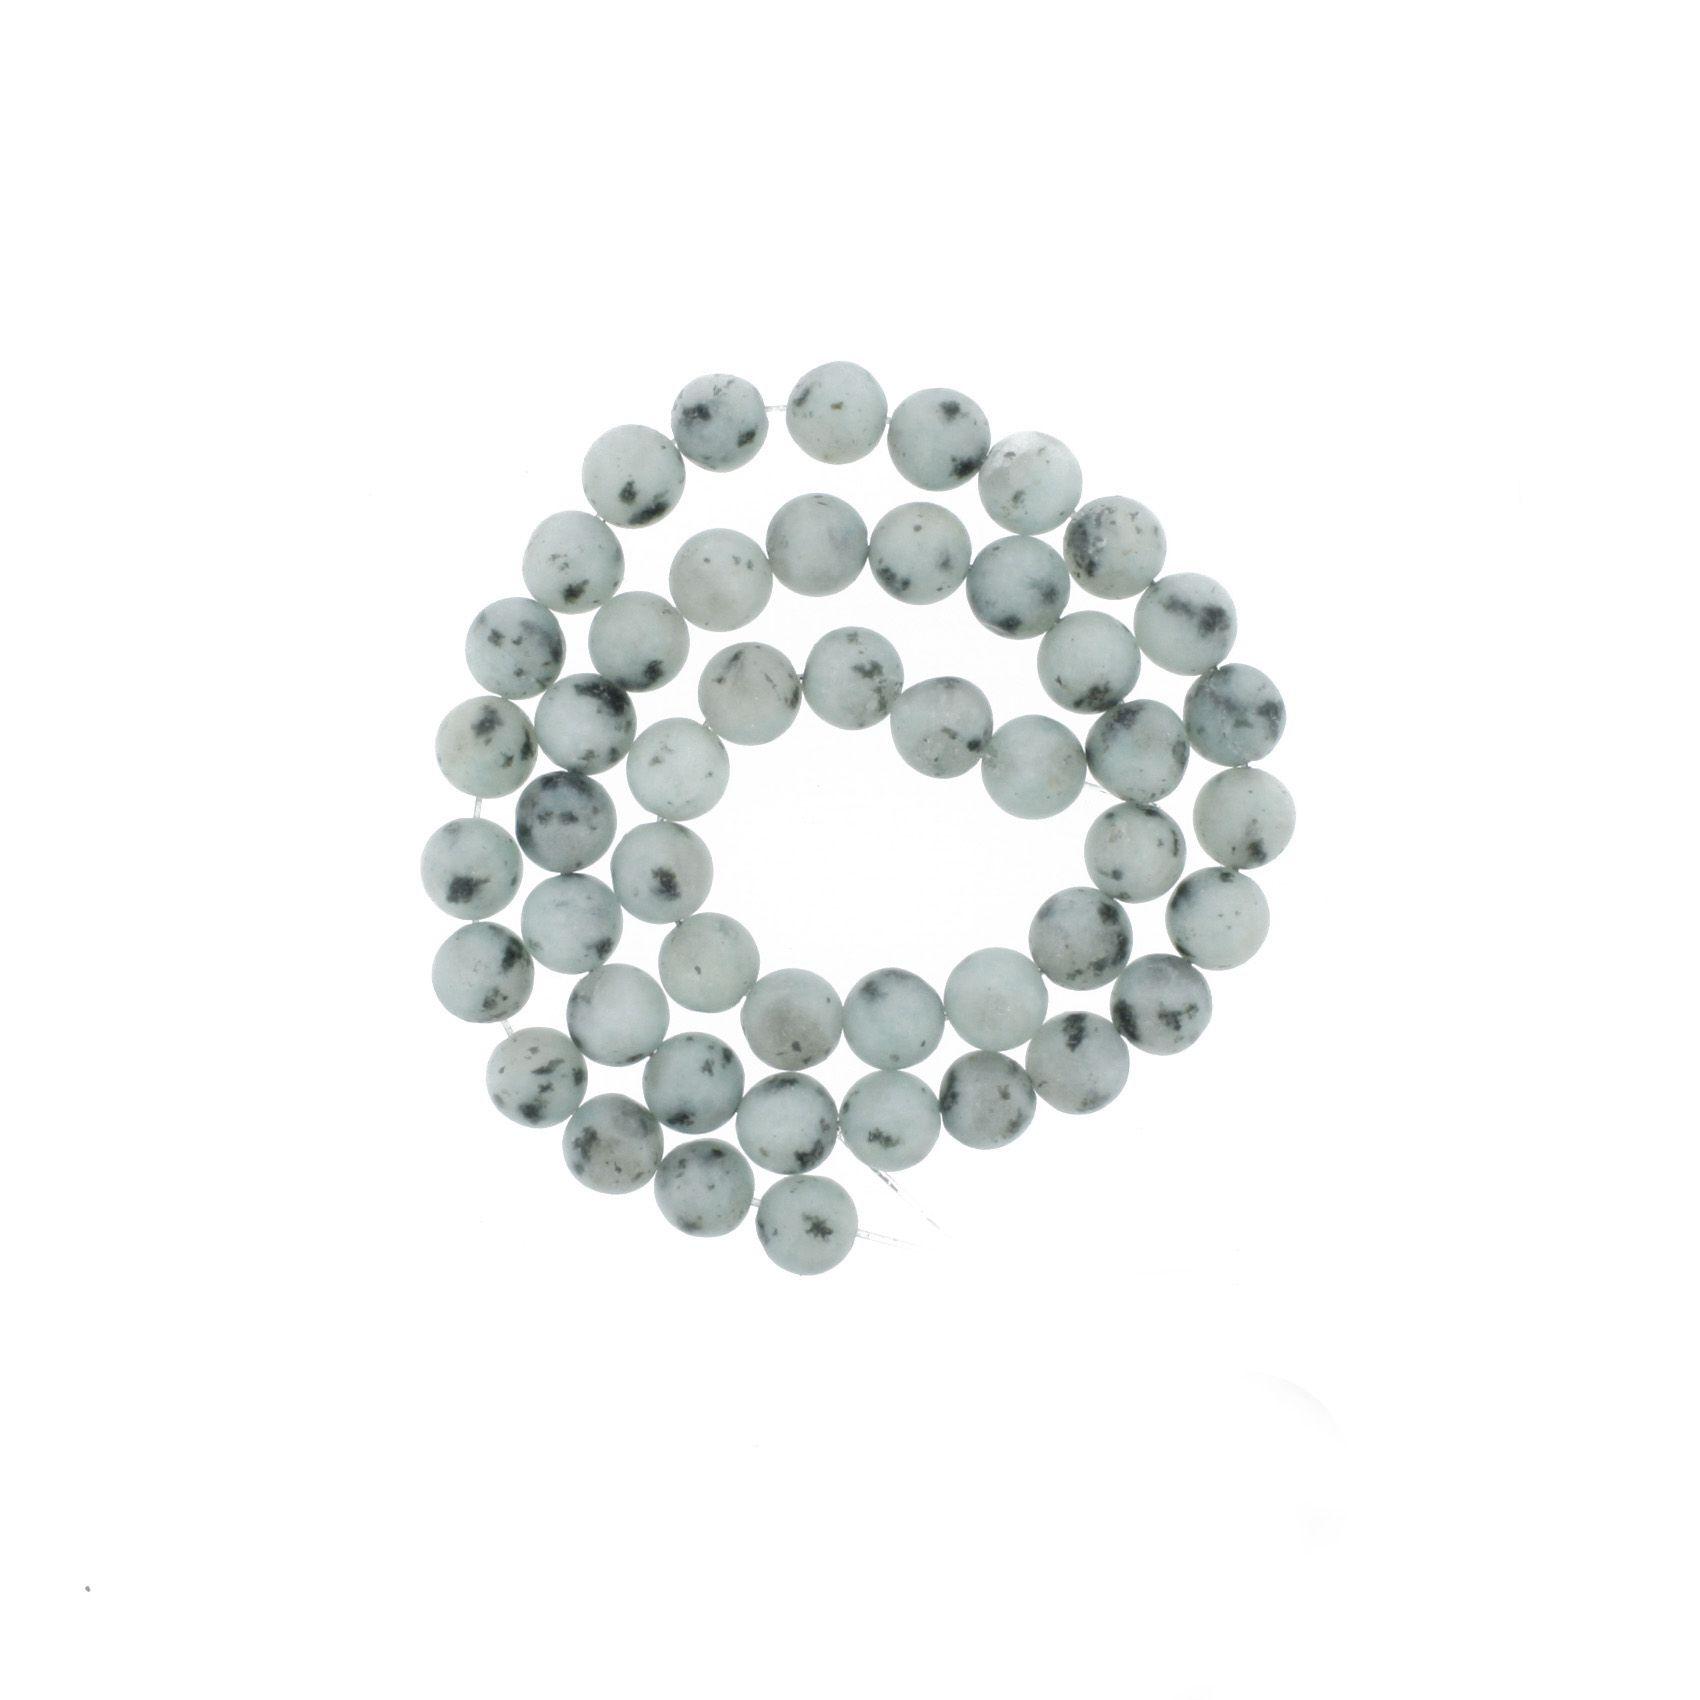 Fio de Pedra - Jaspe Kiwi Fosca - 8mm  - Stéphanie Bijoux® - Peças para Bijuterias e Artesanato